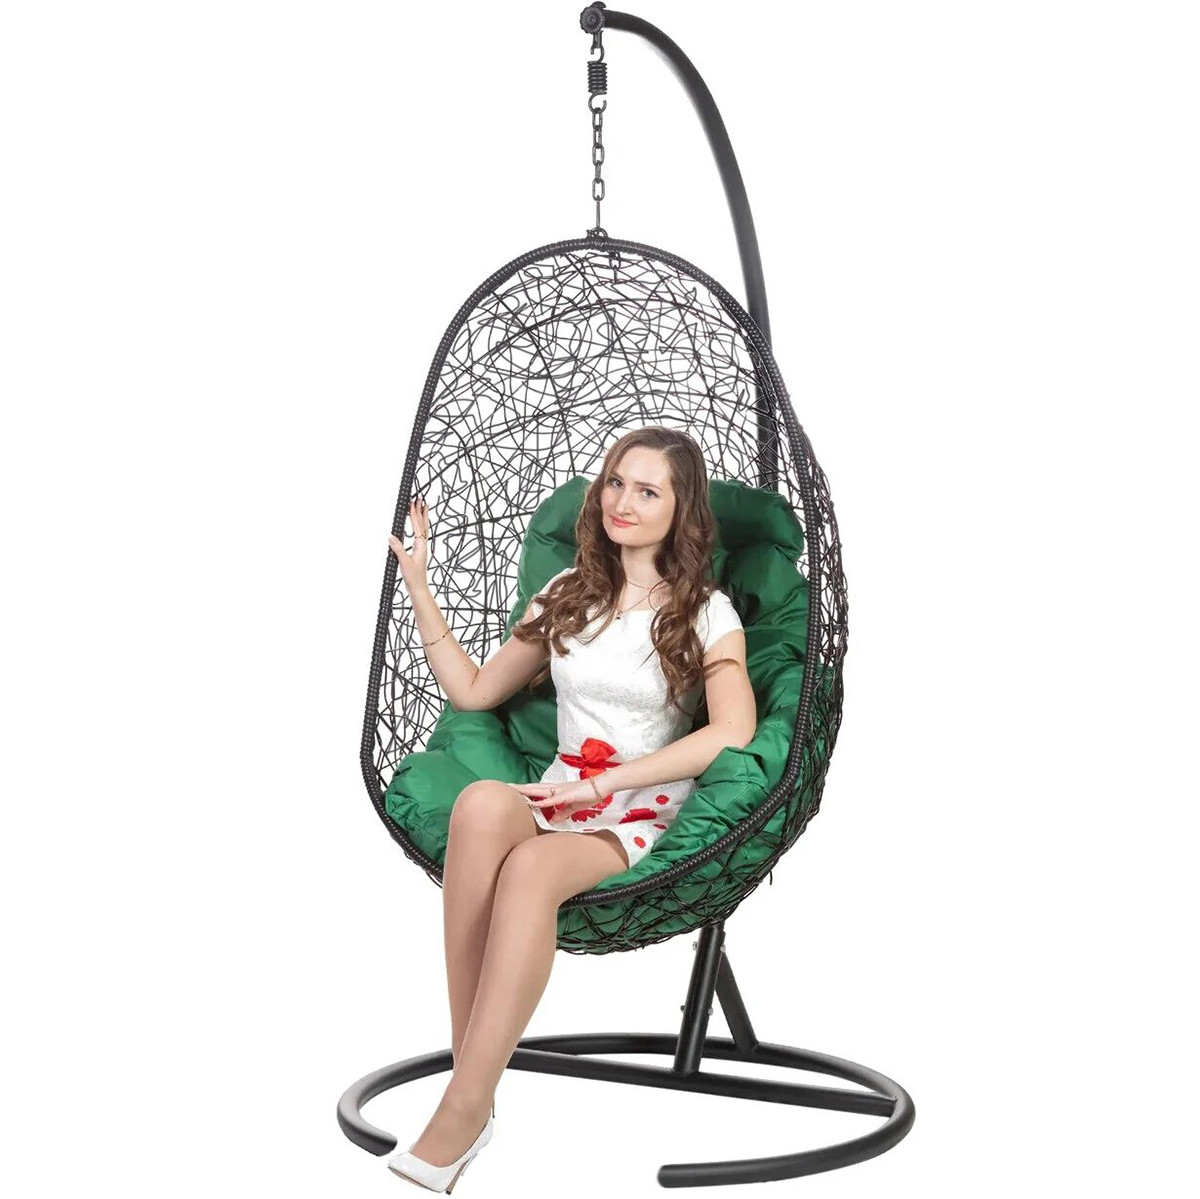 фото подвесное кресло из кадушек днем свадьбы